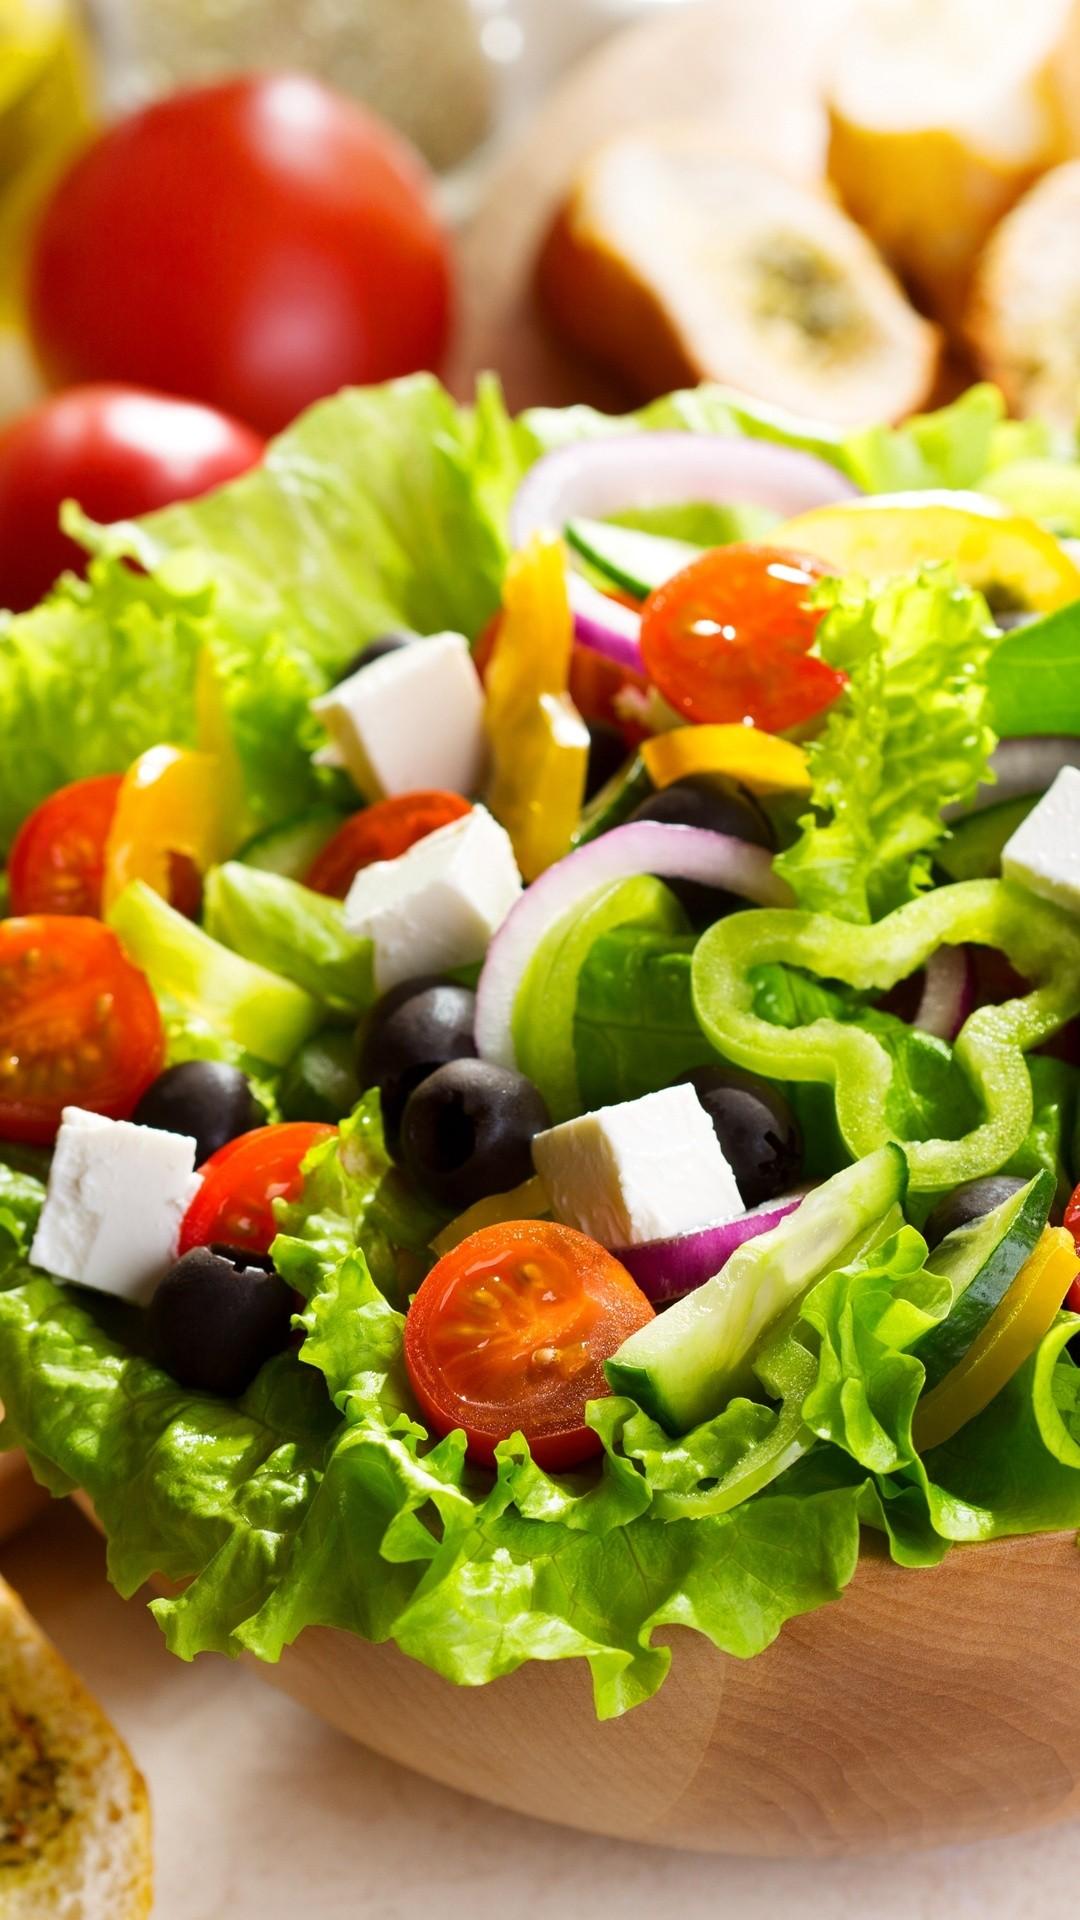 Food screensaver wallpaper